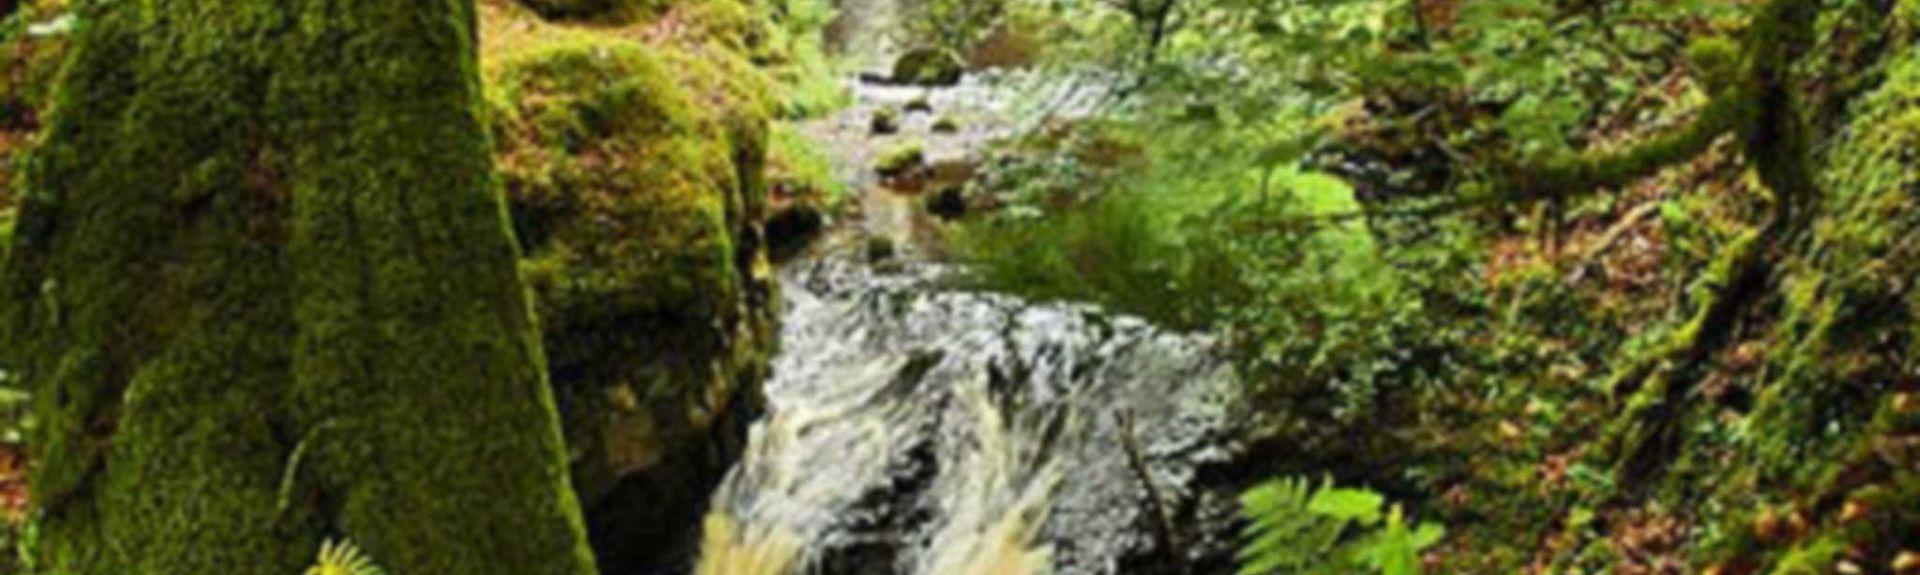 Galloway Forest Park, Castle Douglas, Scotland, UK